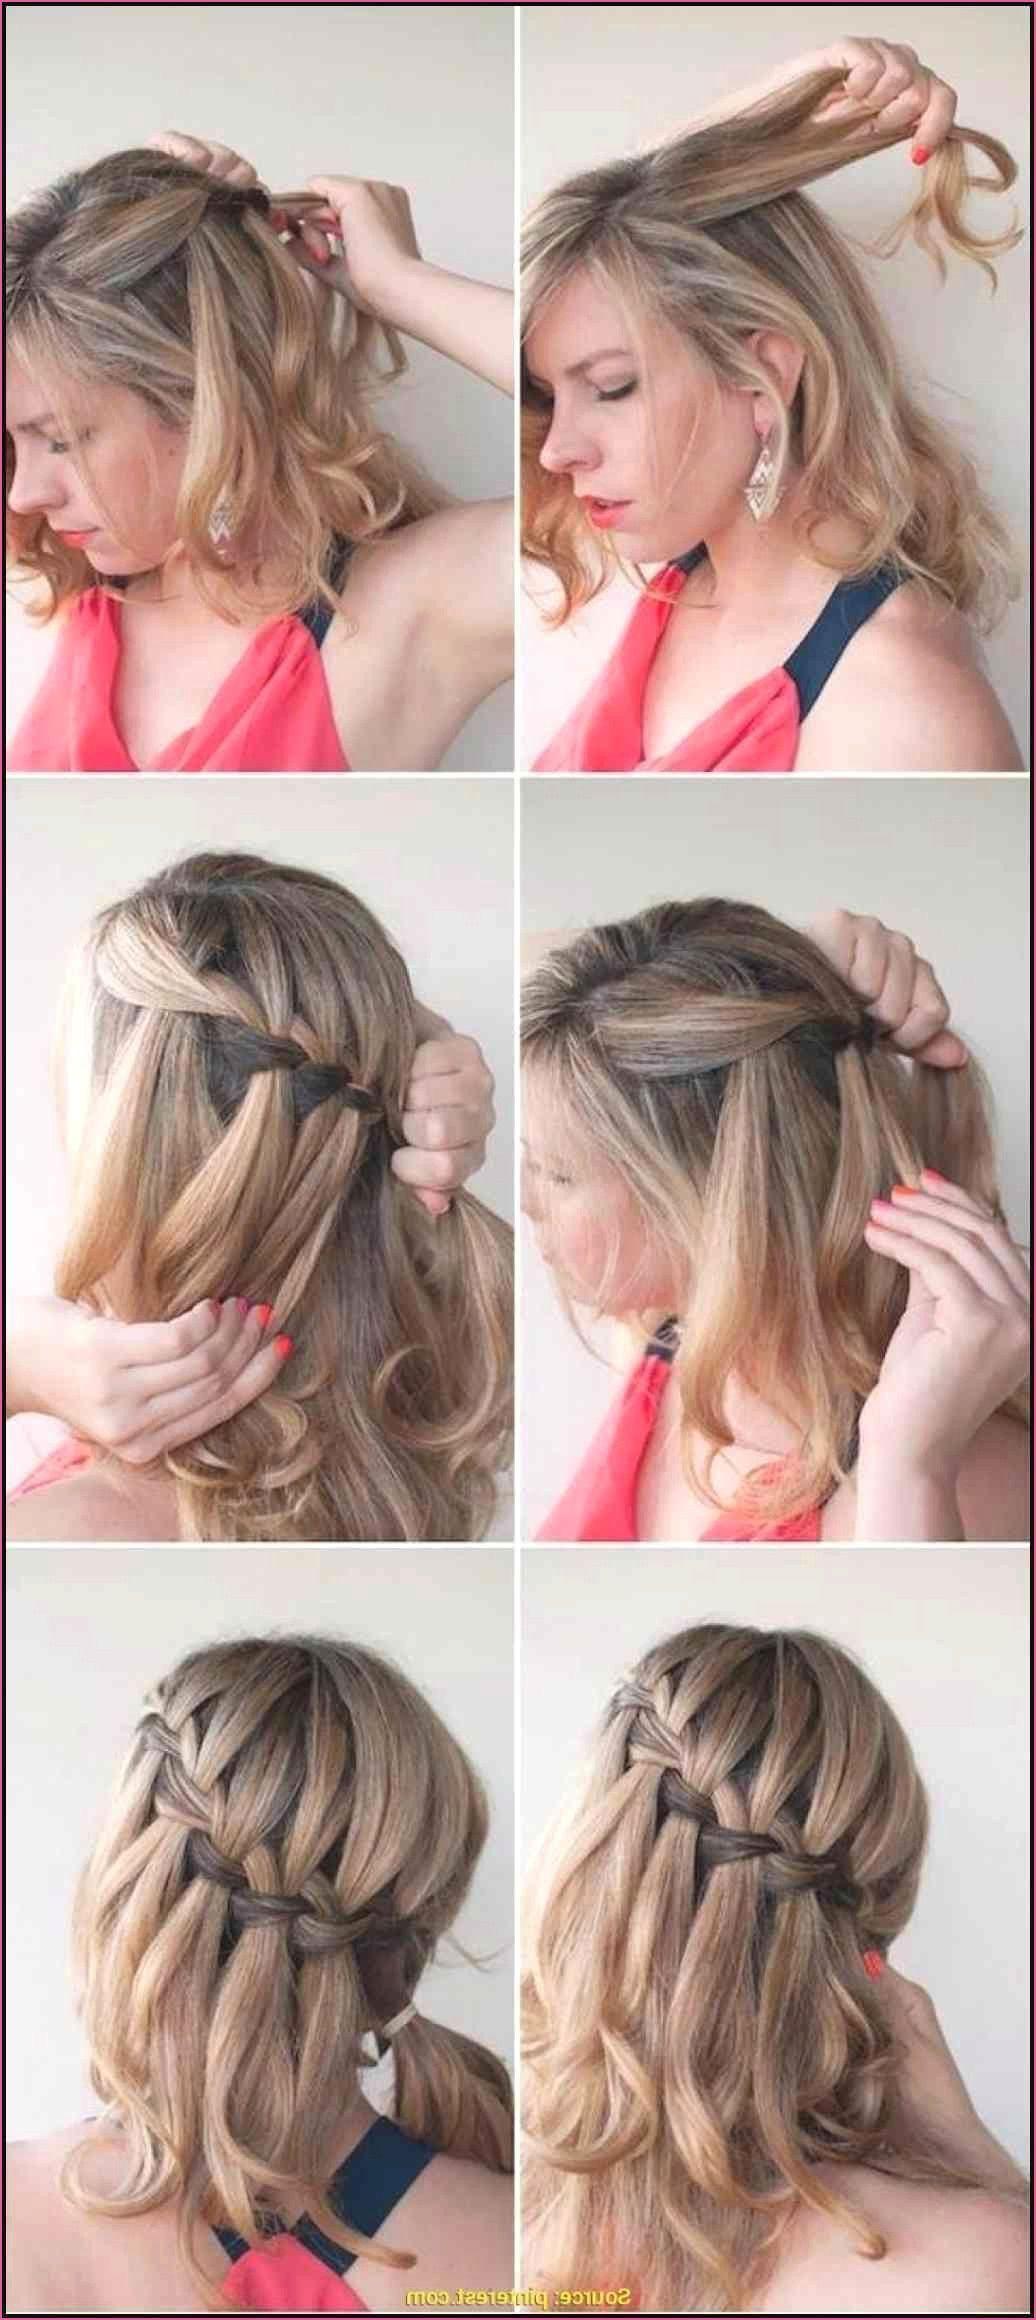 haarband binden kurze haare